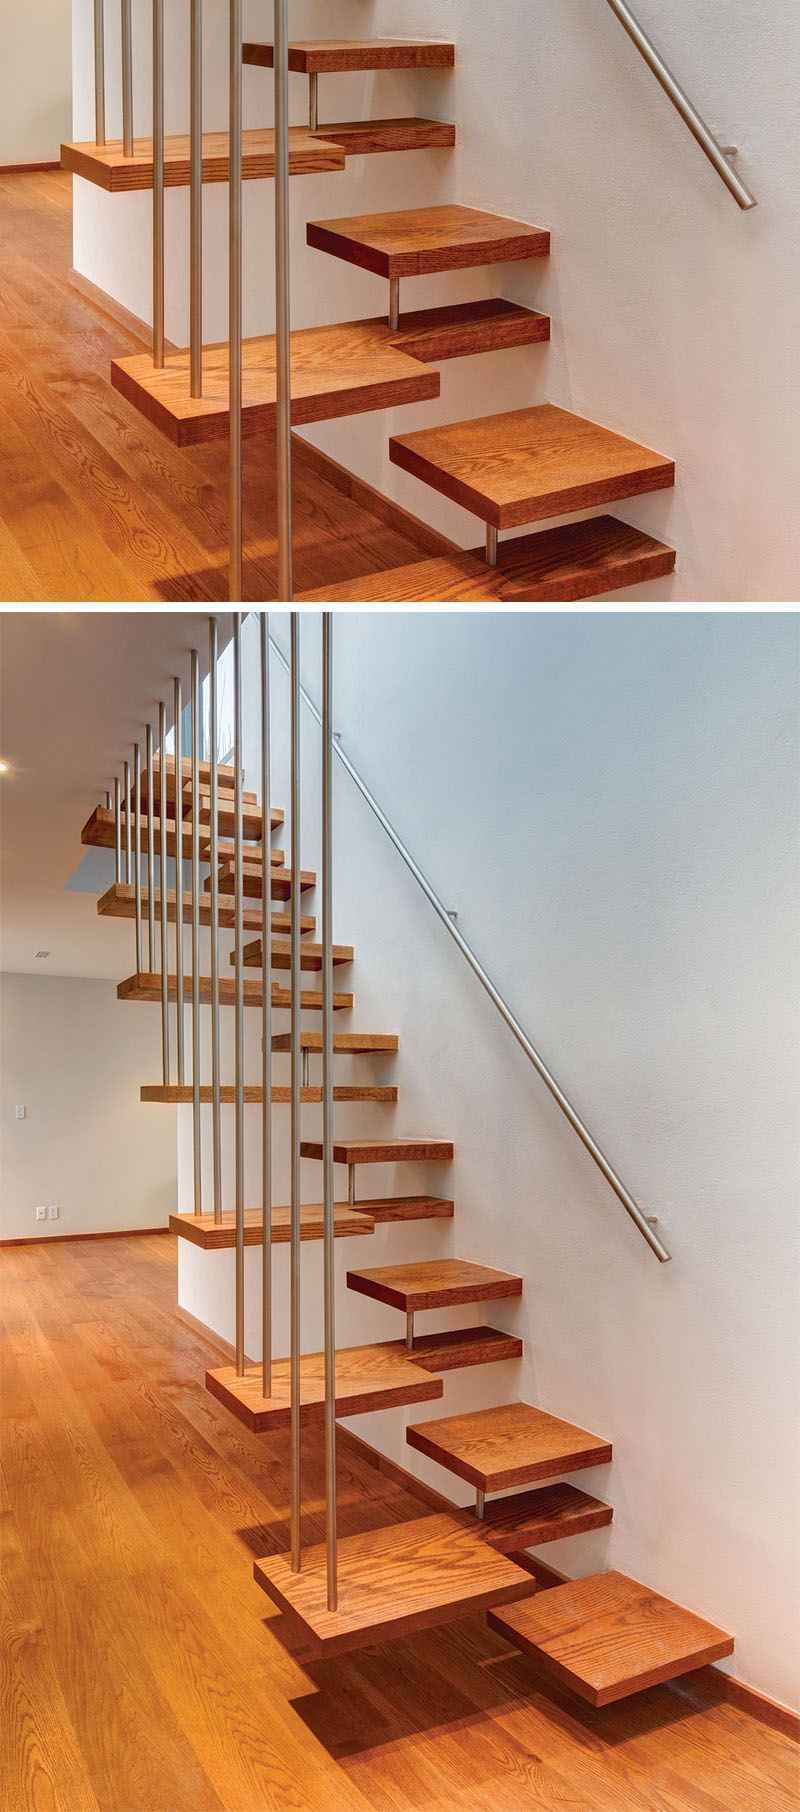 Escalier intérieur design- la beauté est dans les détails ...